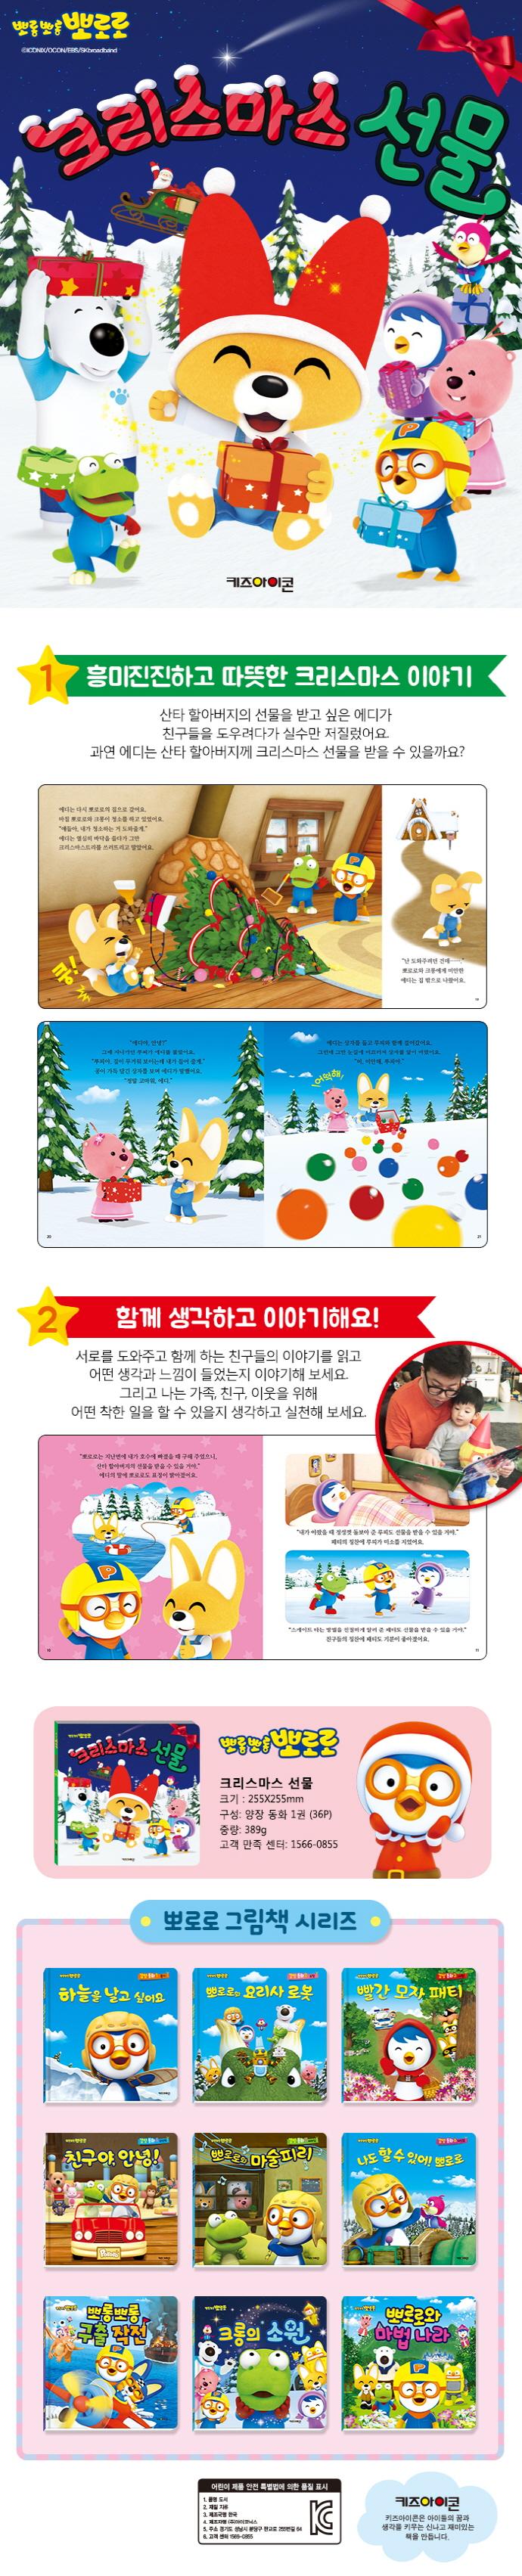 뽀롱뽀롱 뽀로로 크리스마스 선물(양장본 HardCover) 도서 상세이미지